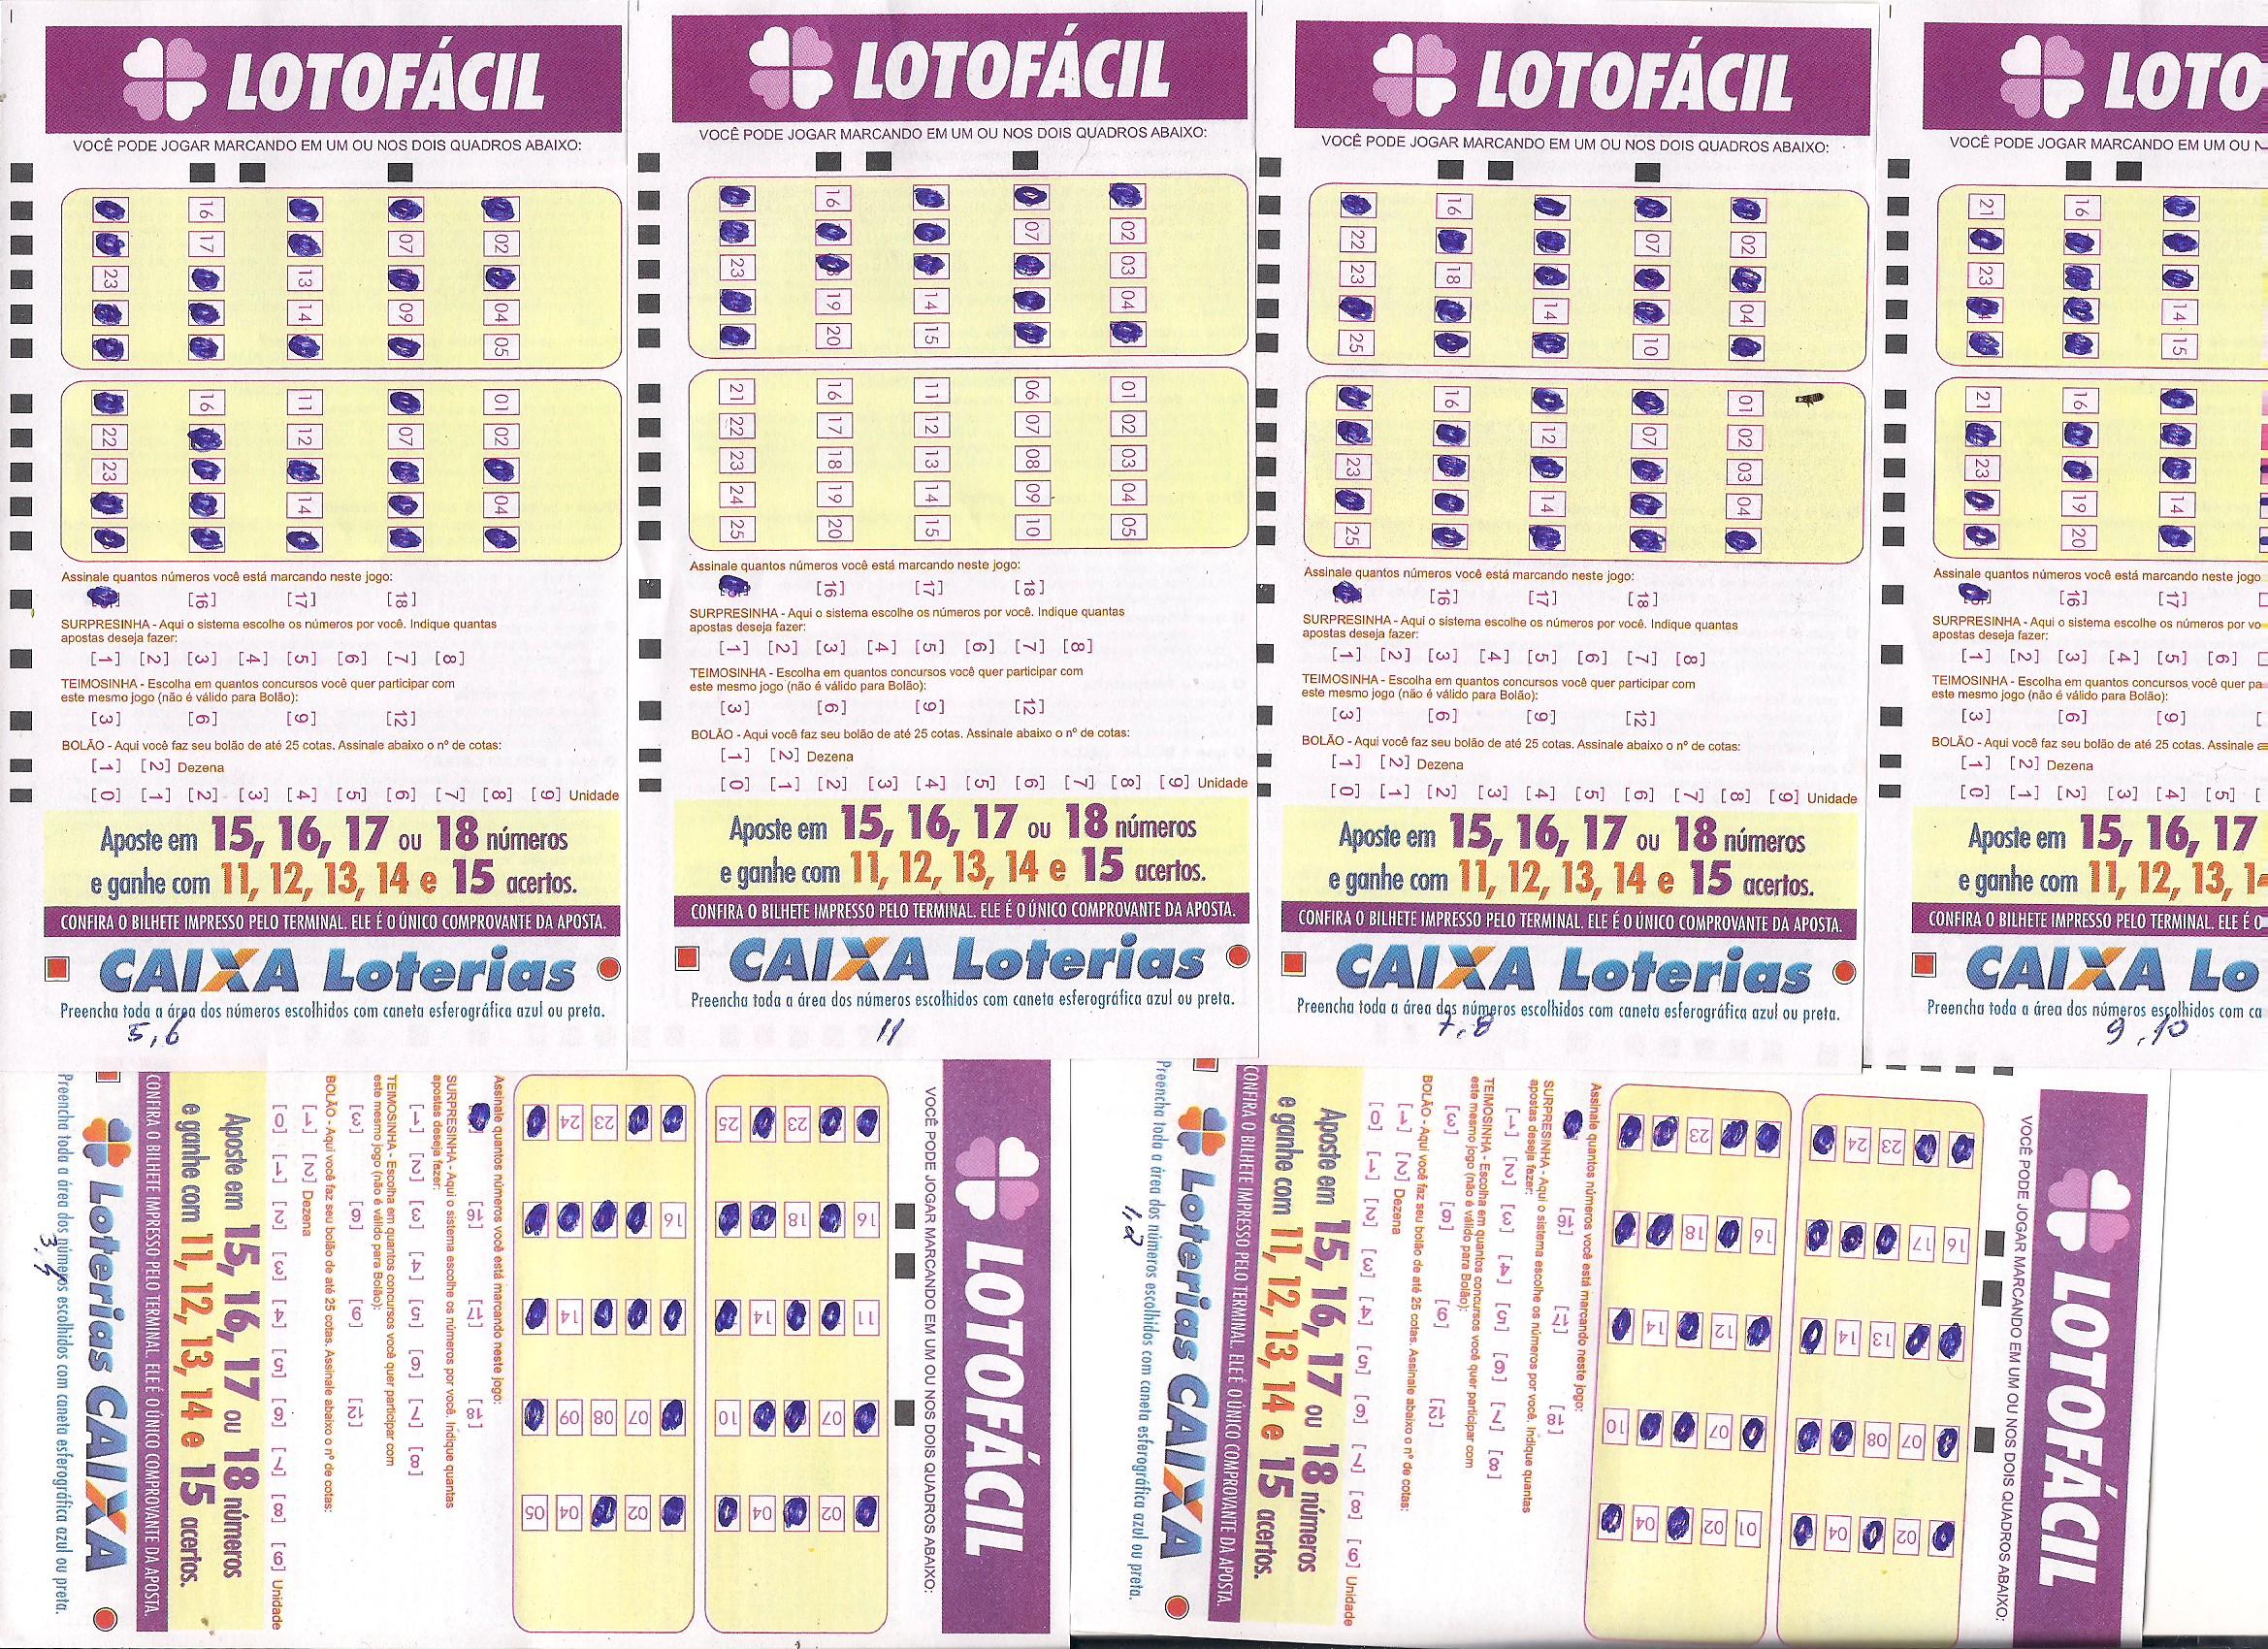 Resultado Lotofácil Confira os números do concurso Lotofácil 1619